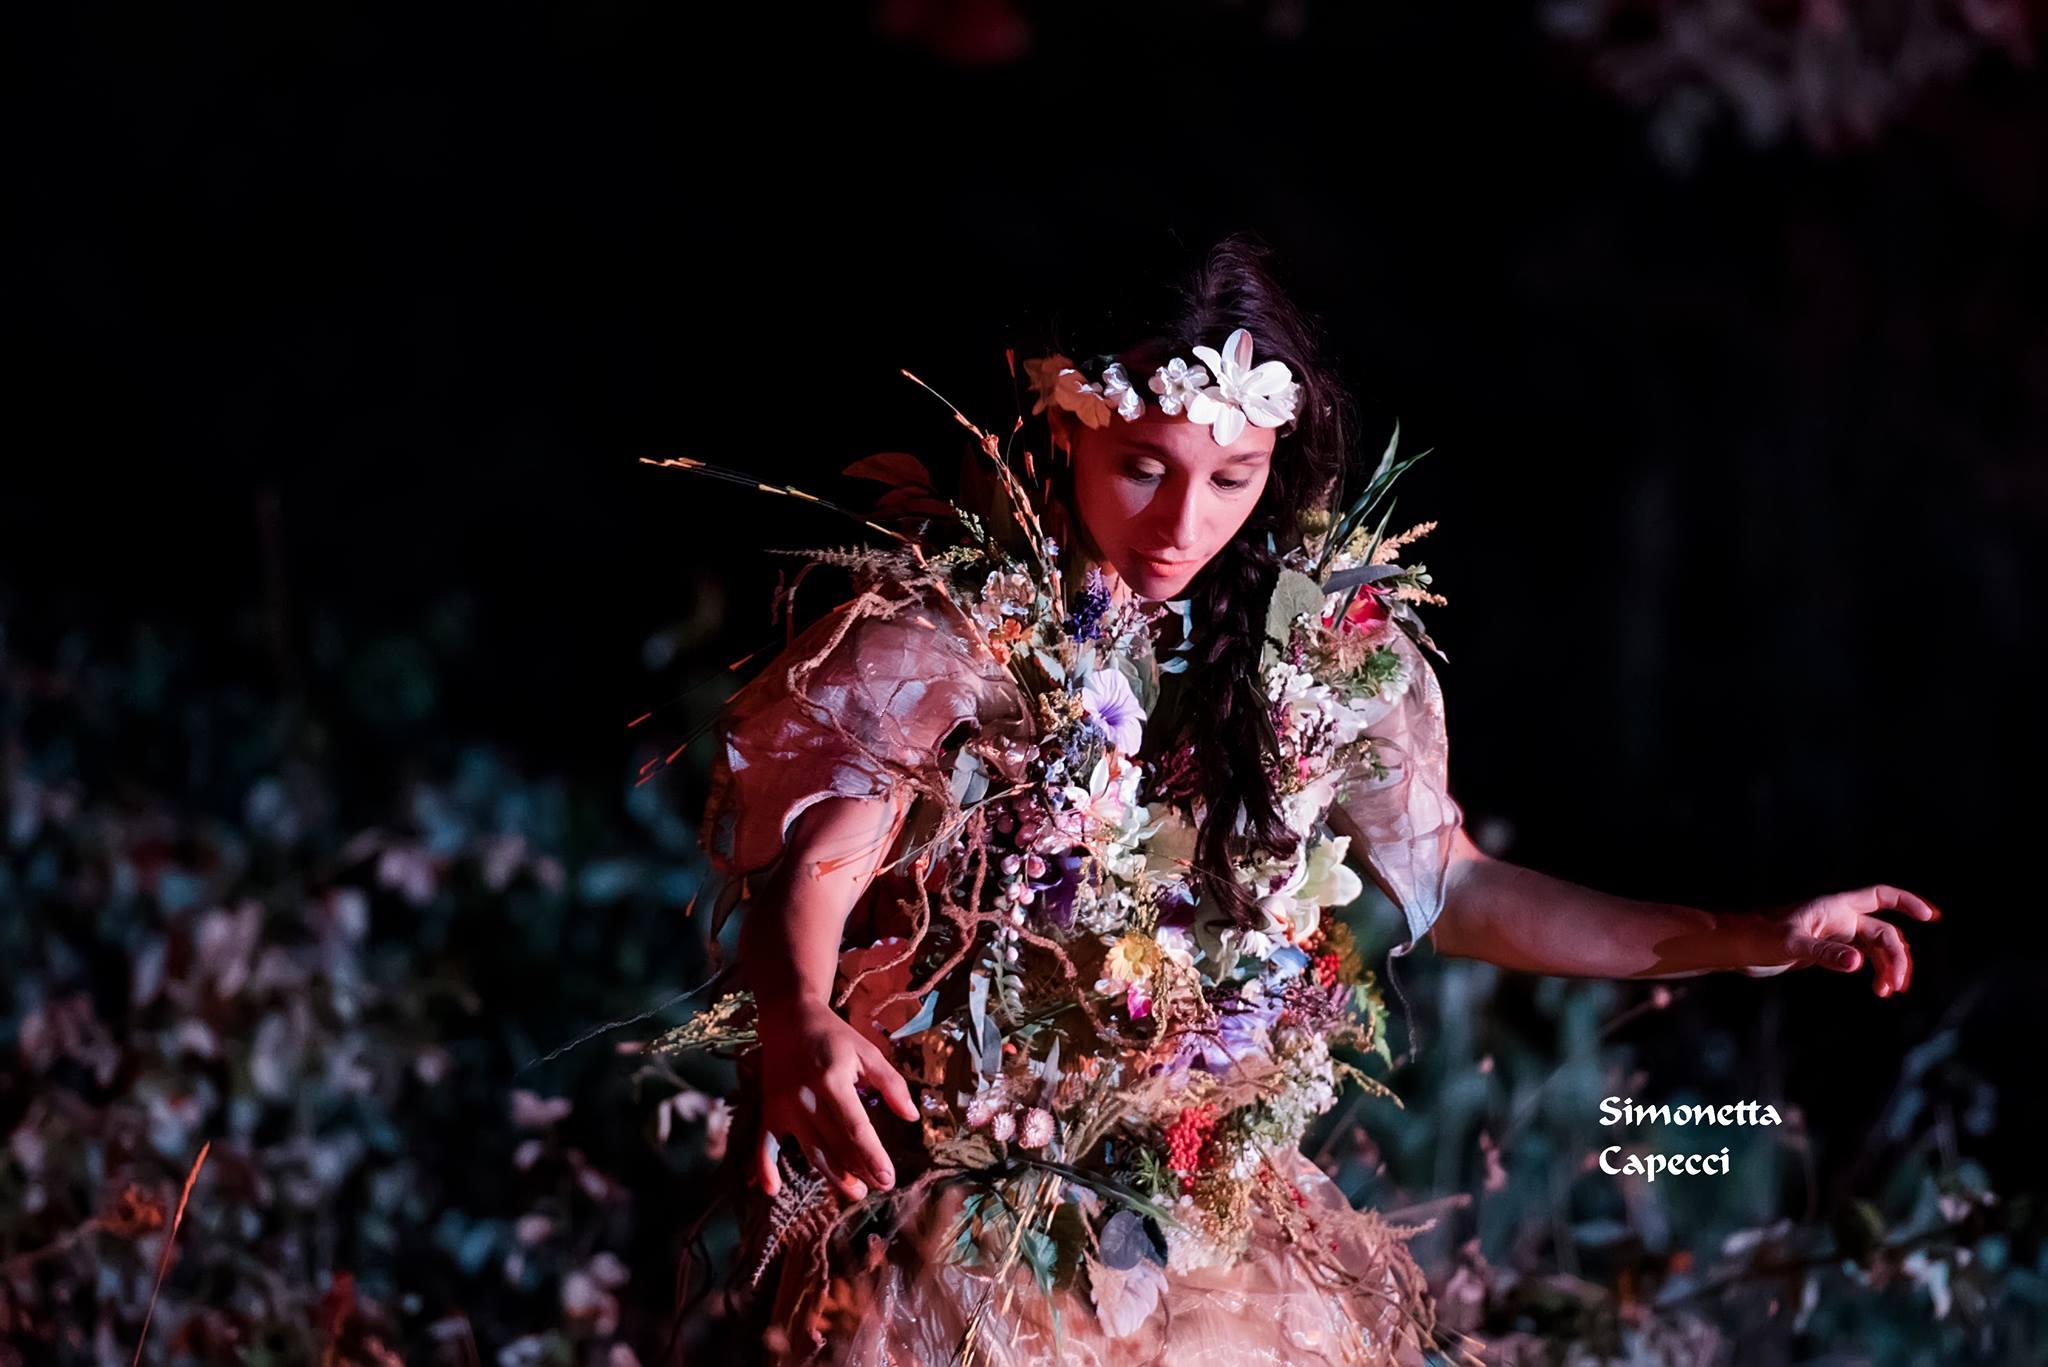 La Fata dei boschi